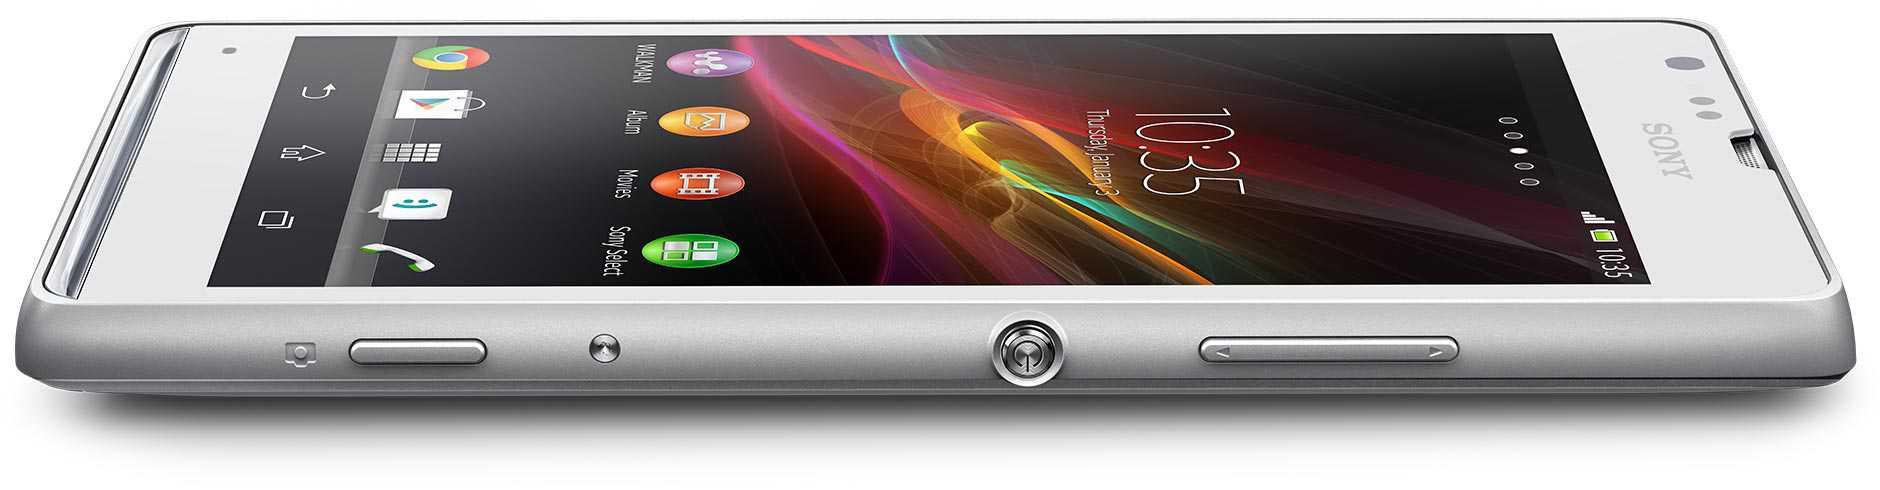 Sony Xperia SP annunciato con telaio in alluminio, elementi di design NXT, e fotocamera Exmor RS